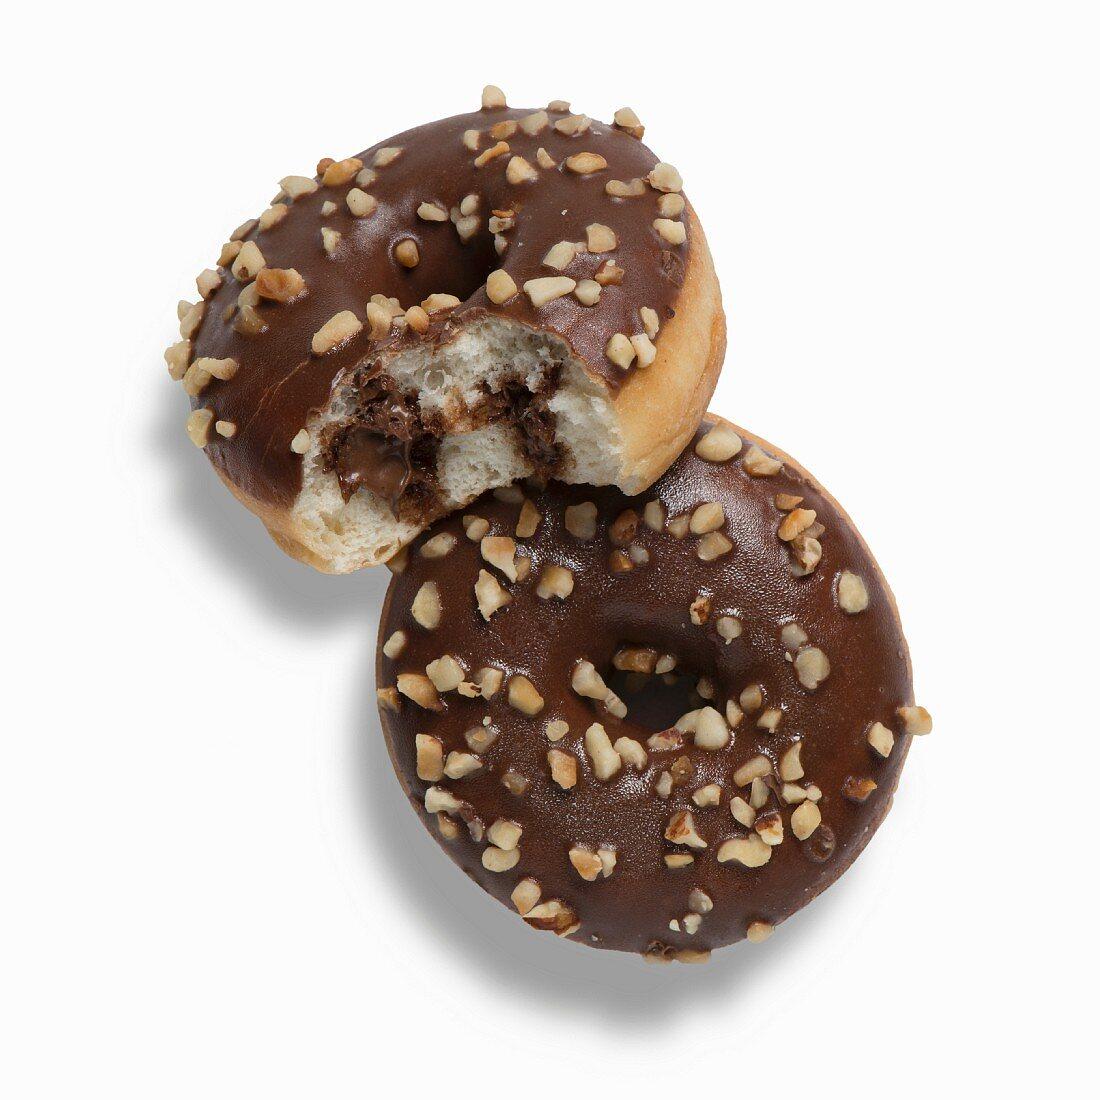 Zwei Nutella-Doughnuts mit Schokoladenglasur und gehackten Haselnüssen, eines angebissen